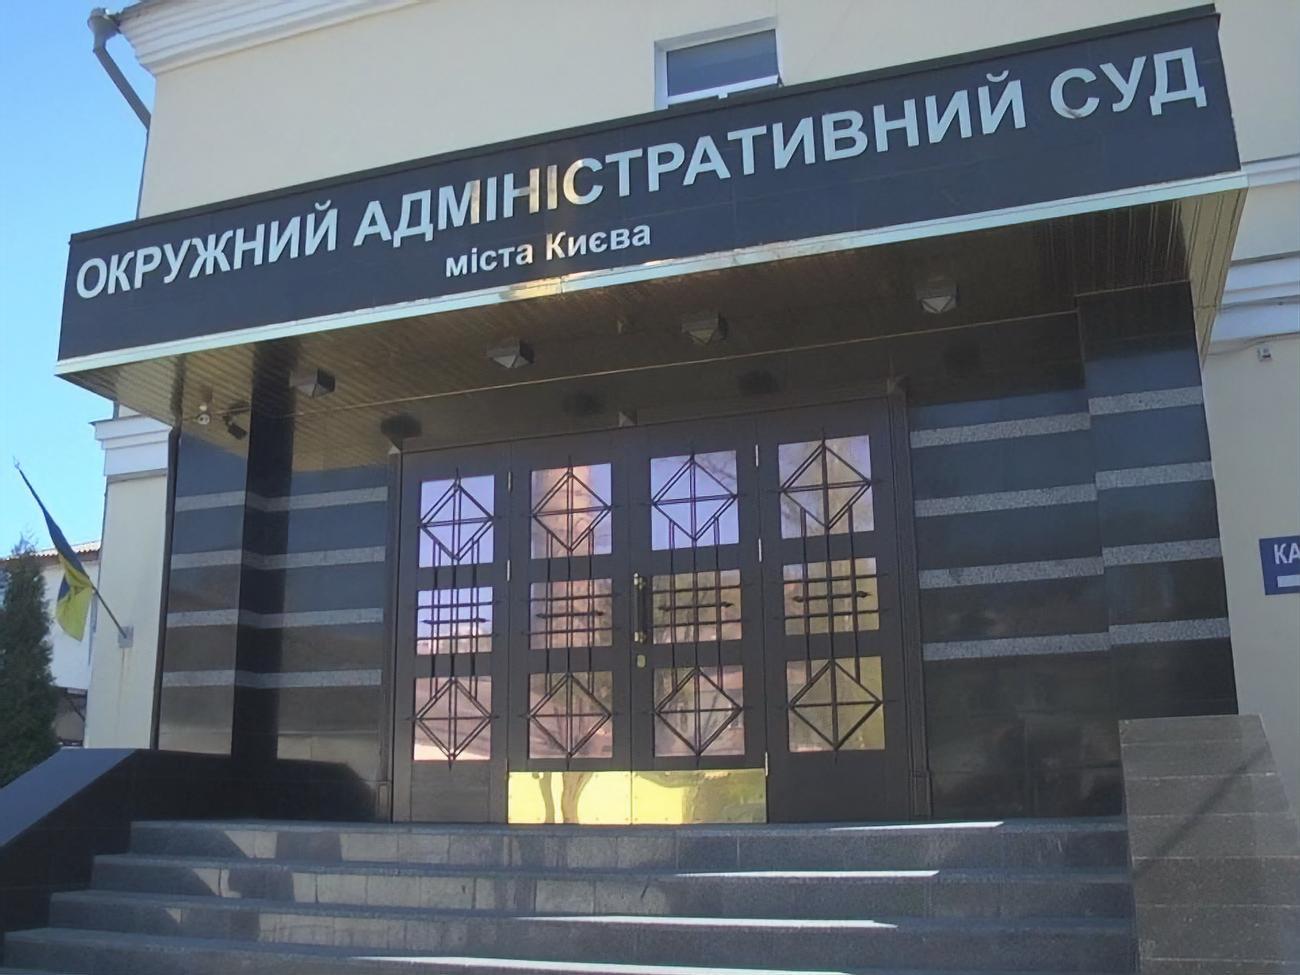 ЕБРР инвестировал $1 млрд в Украину в 2019 году